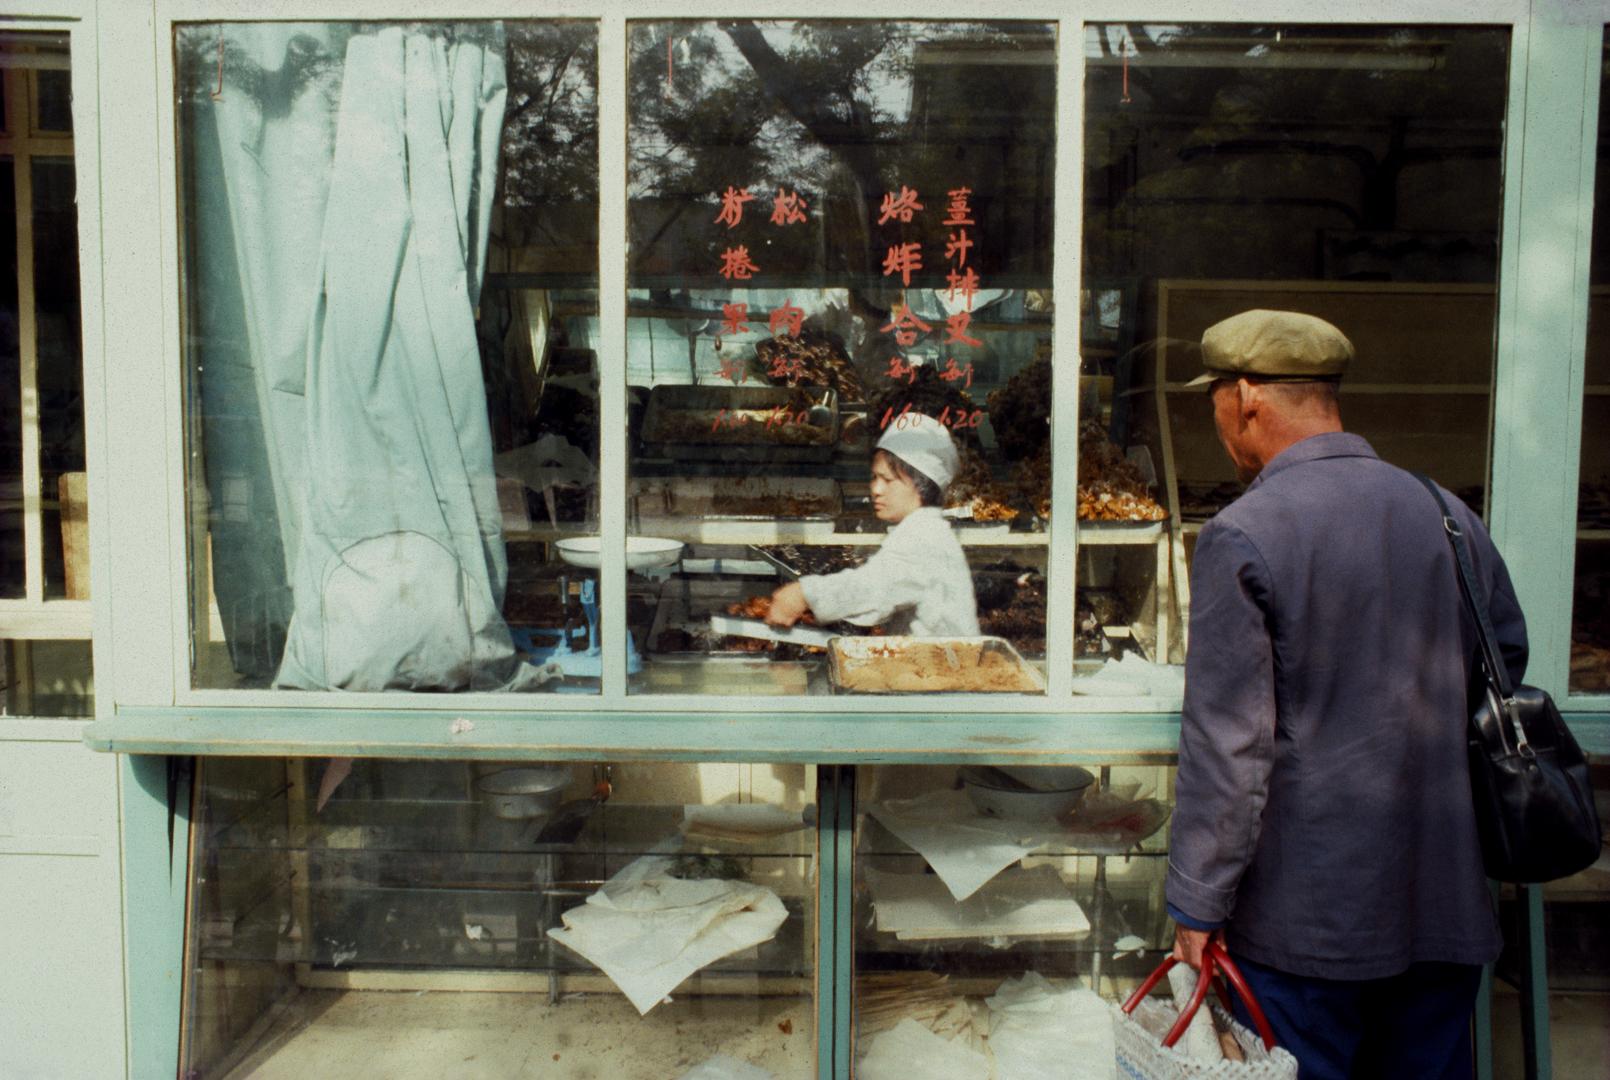 Bakery 1982 (22 x 14.75)